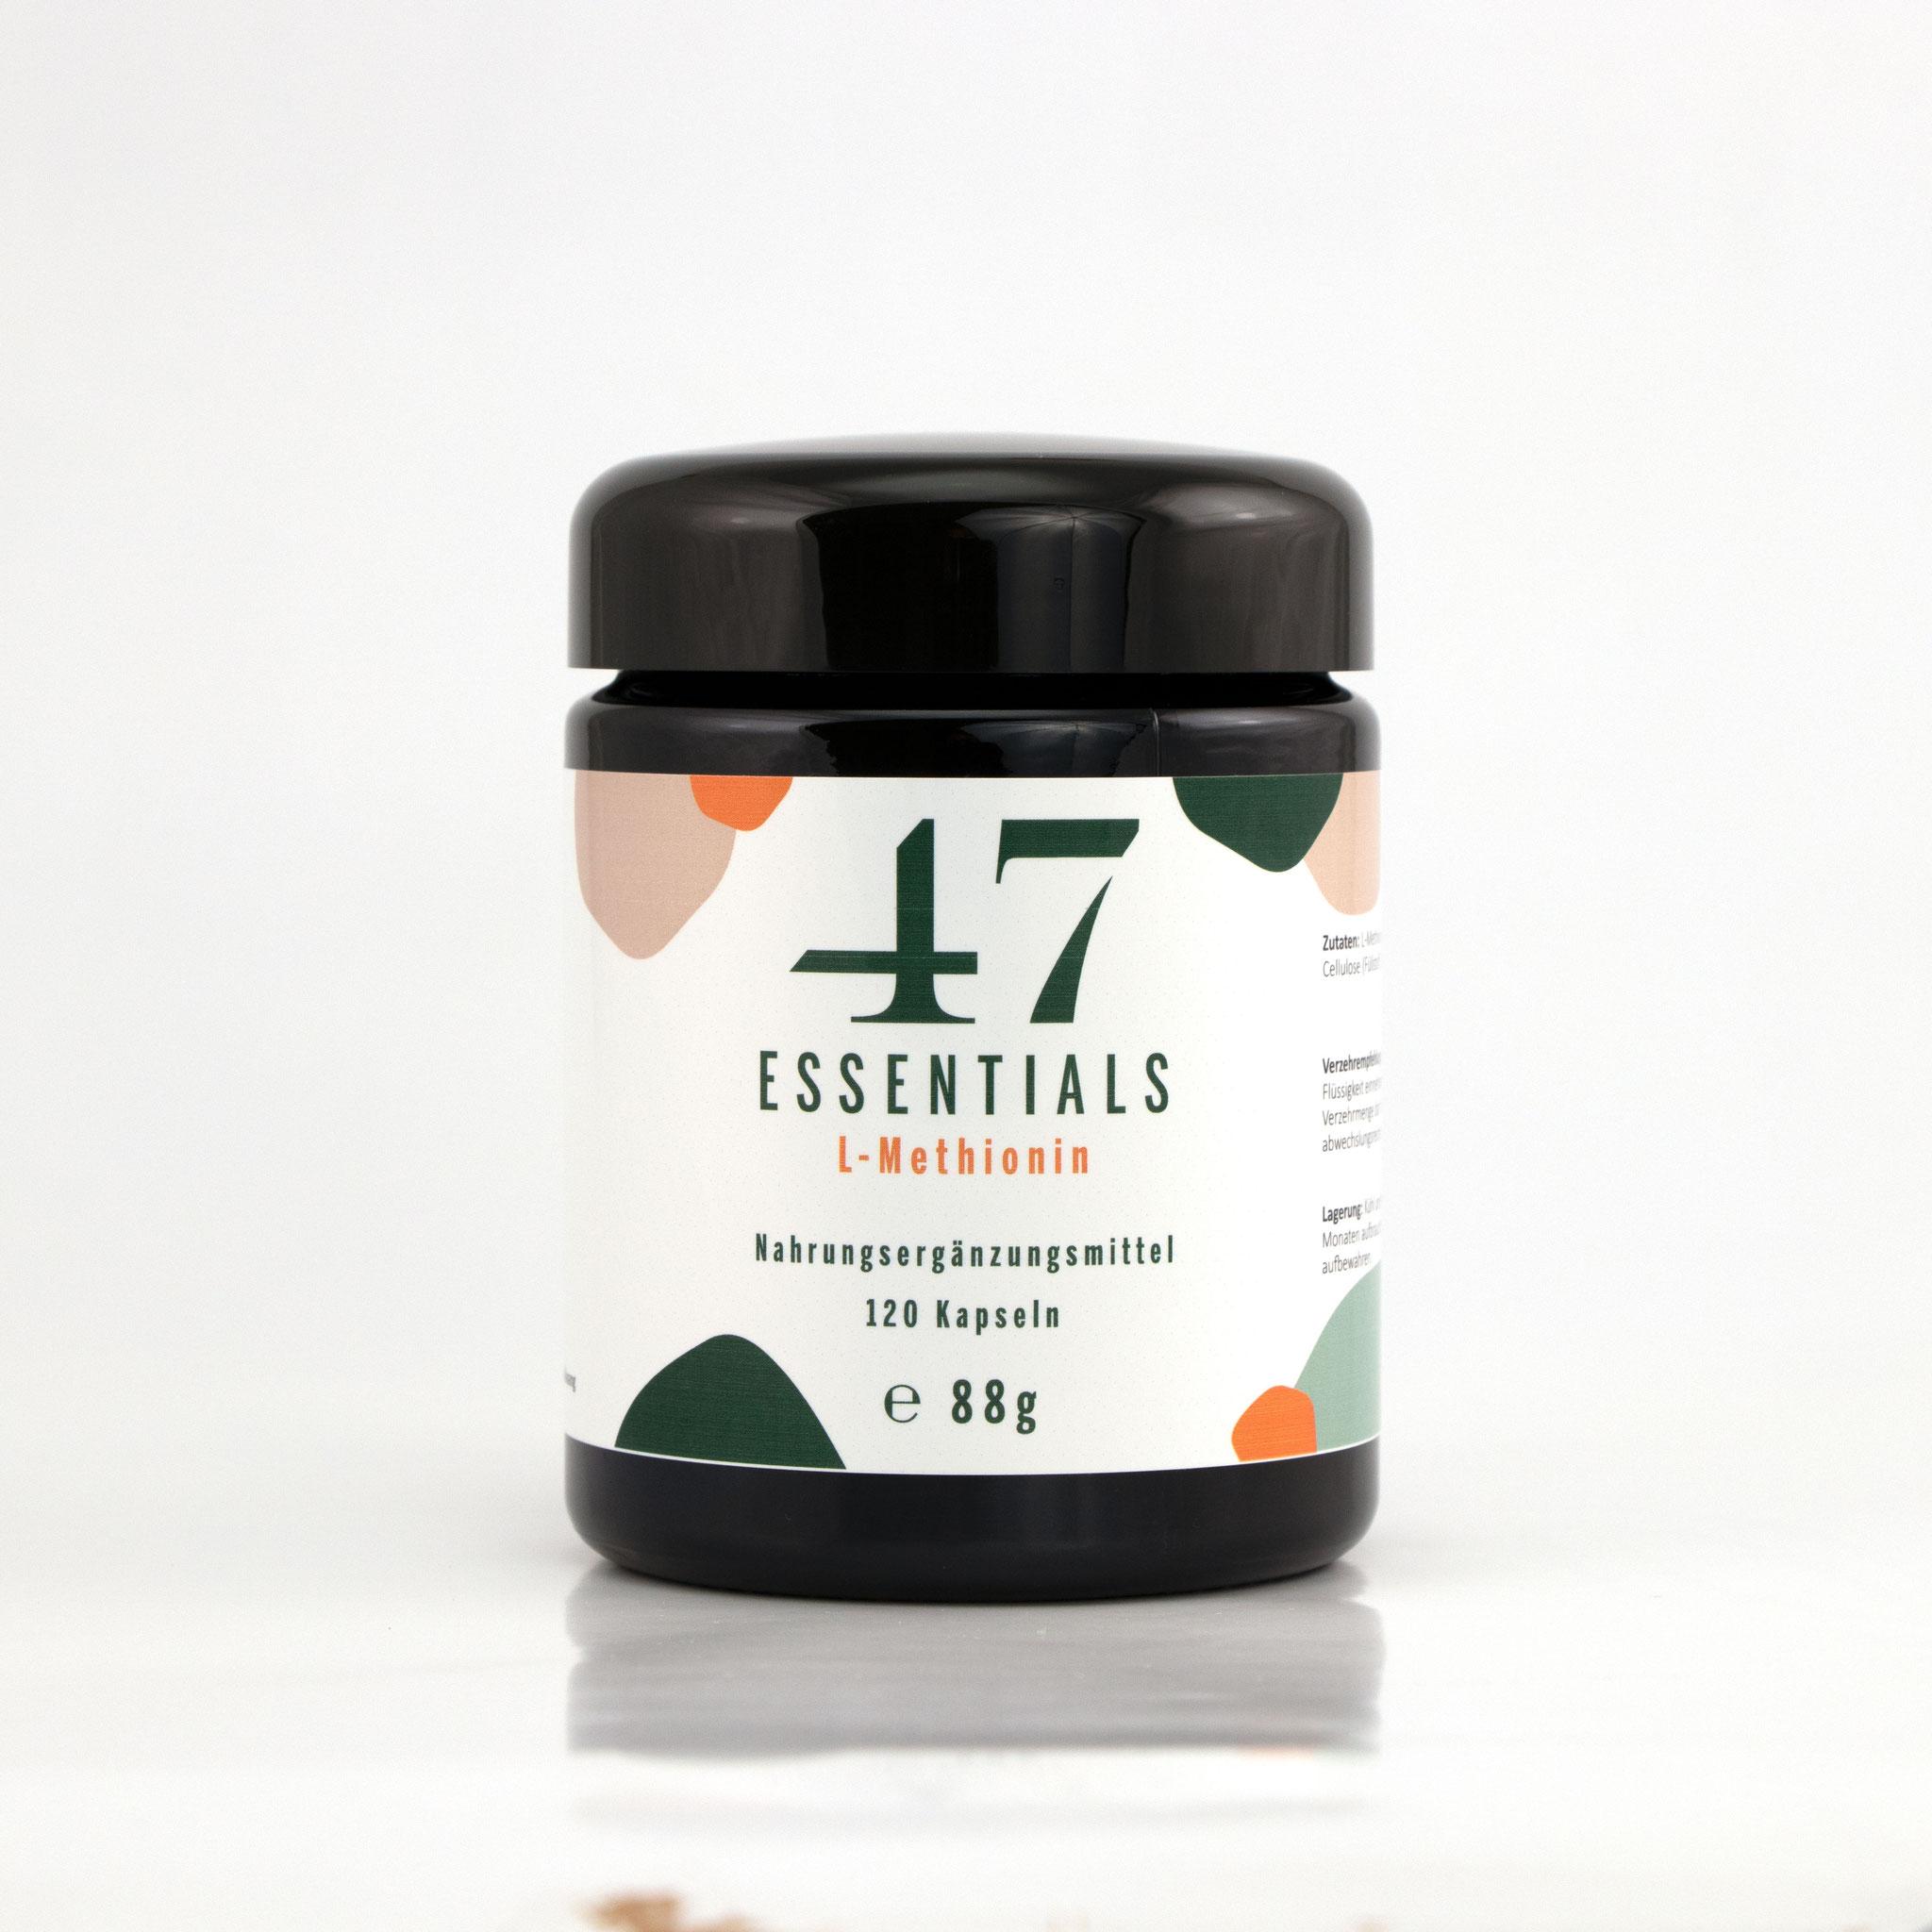 L Methionin 120 Kapseln (Das Leben ist schon schwer genug)     € 29,00           Klicken Sie hier um mehr über das Produkt zu erfahren